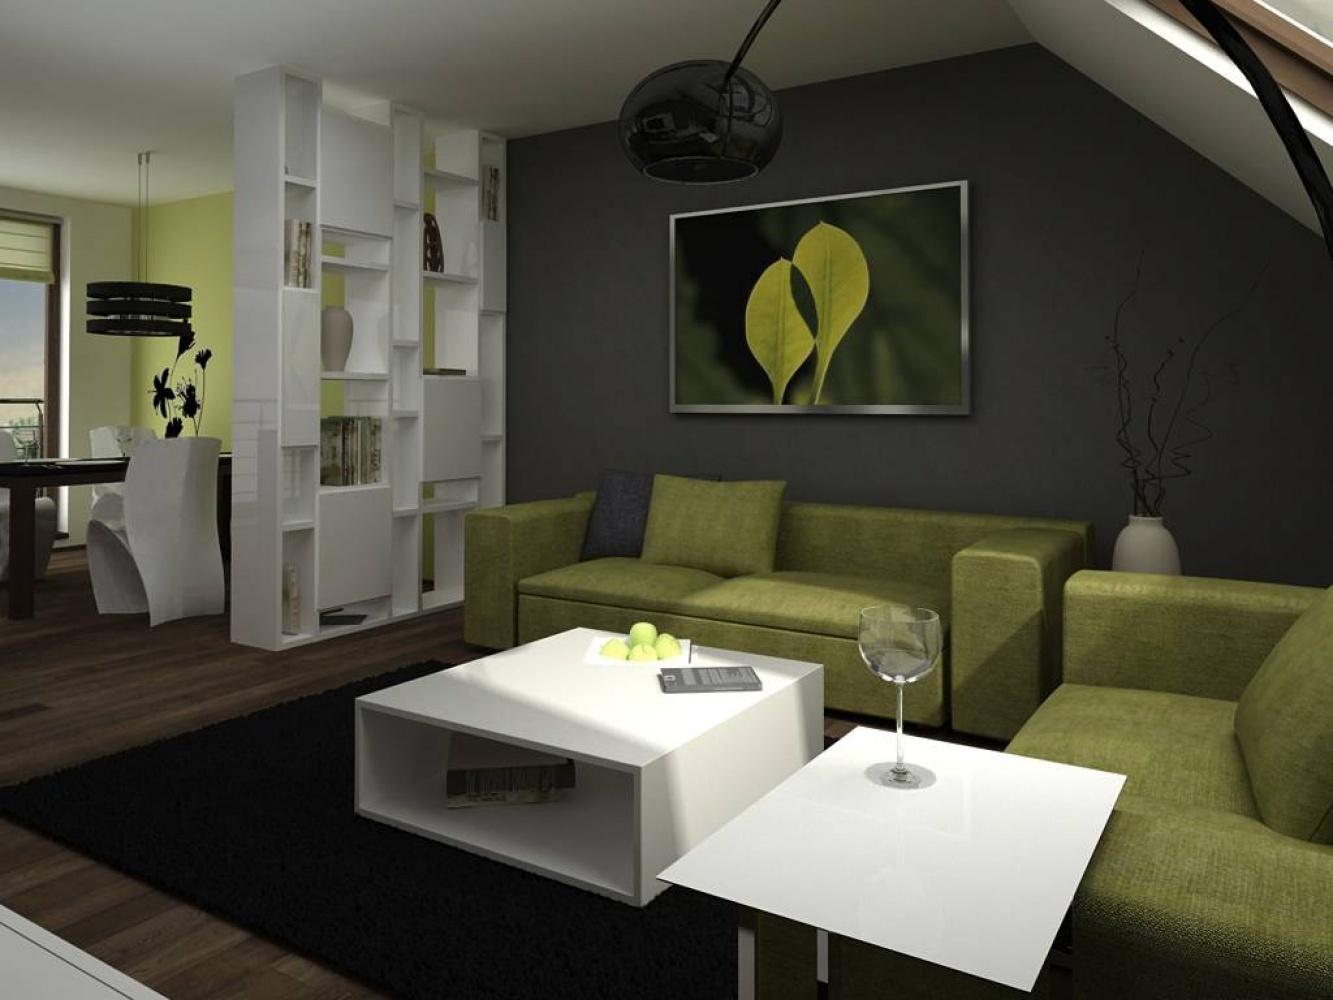 Půdní byt 3+kk, plocha 119 m², ulice Šmilovského, Praha 2 - Vinohrady, cena 9 490 000 Kč | 1